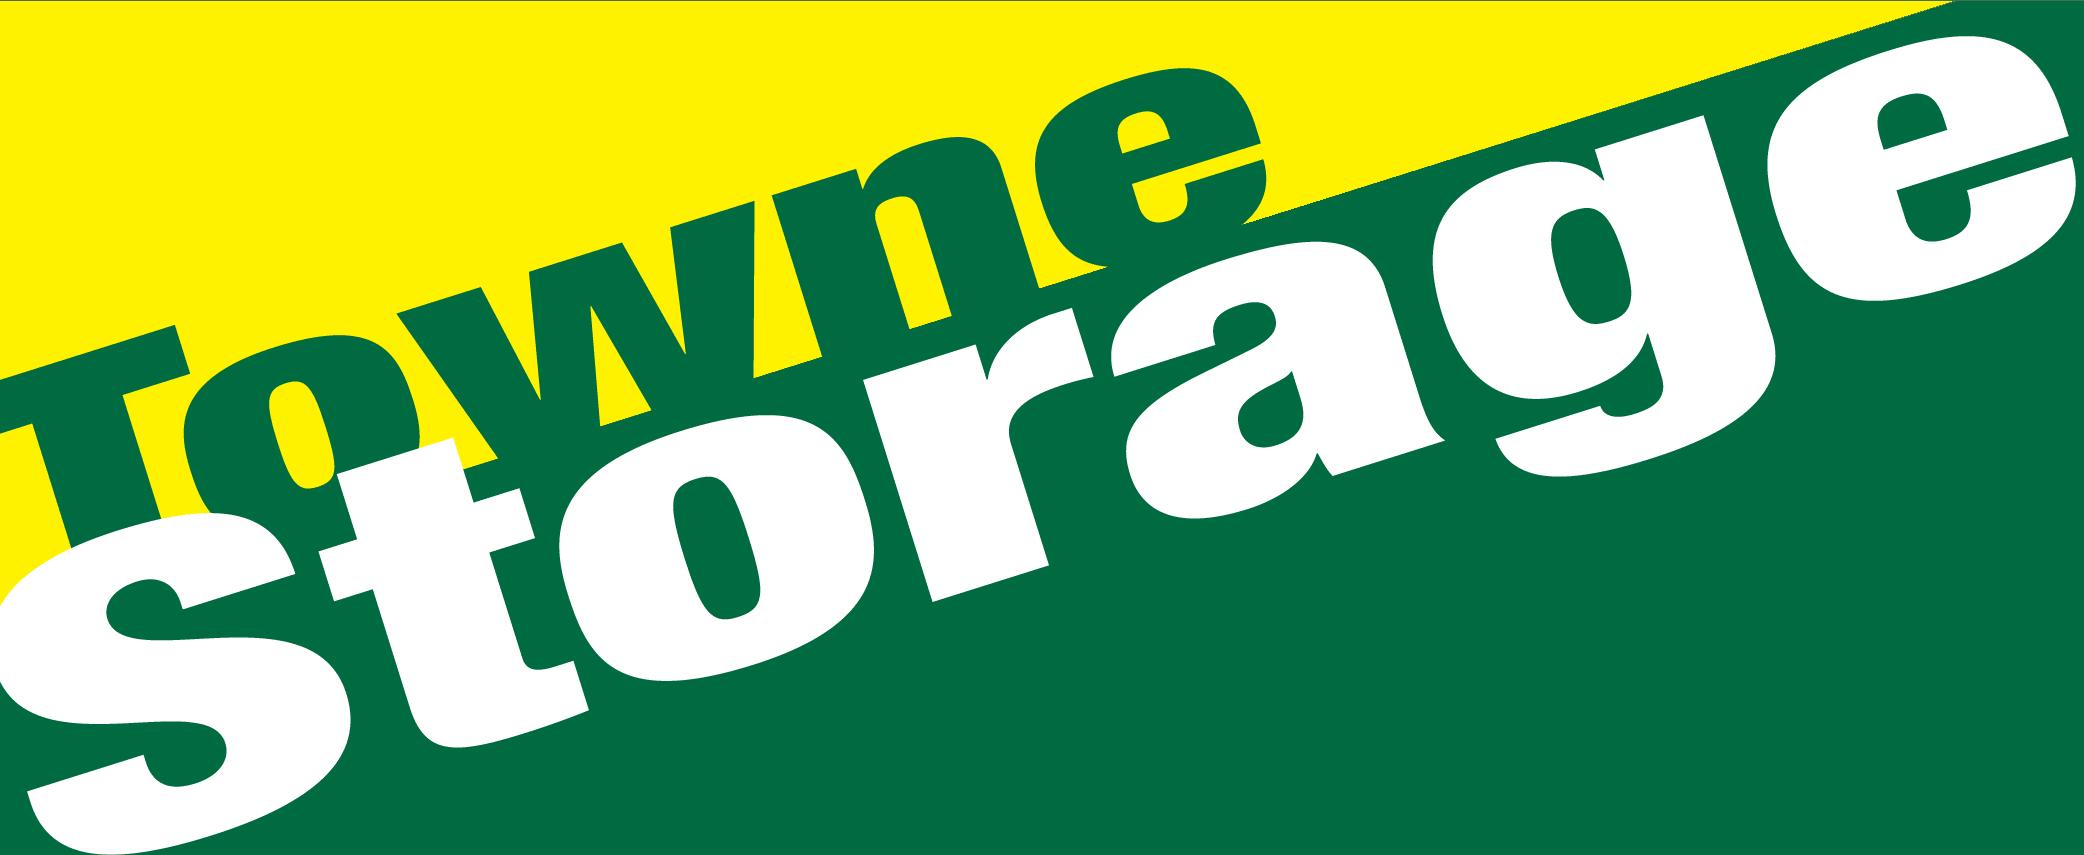 Towne Storage - Vineyard logo